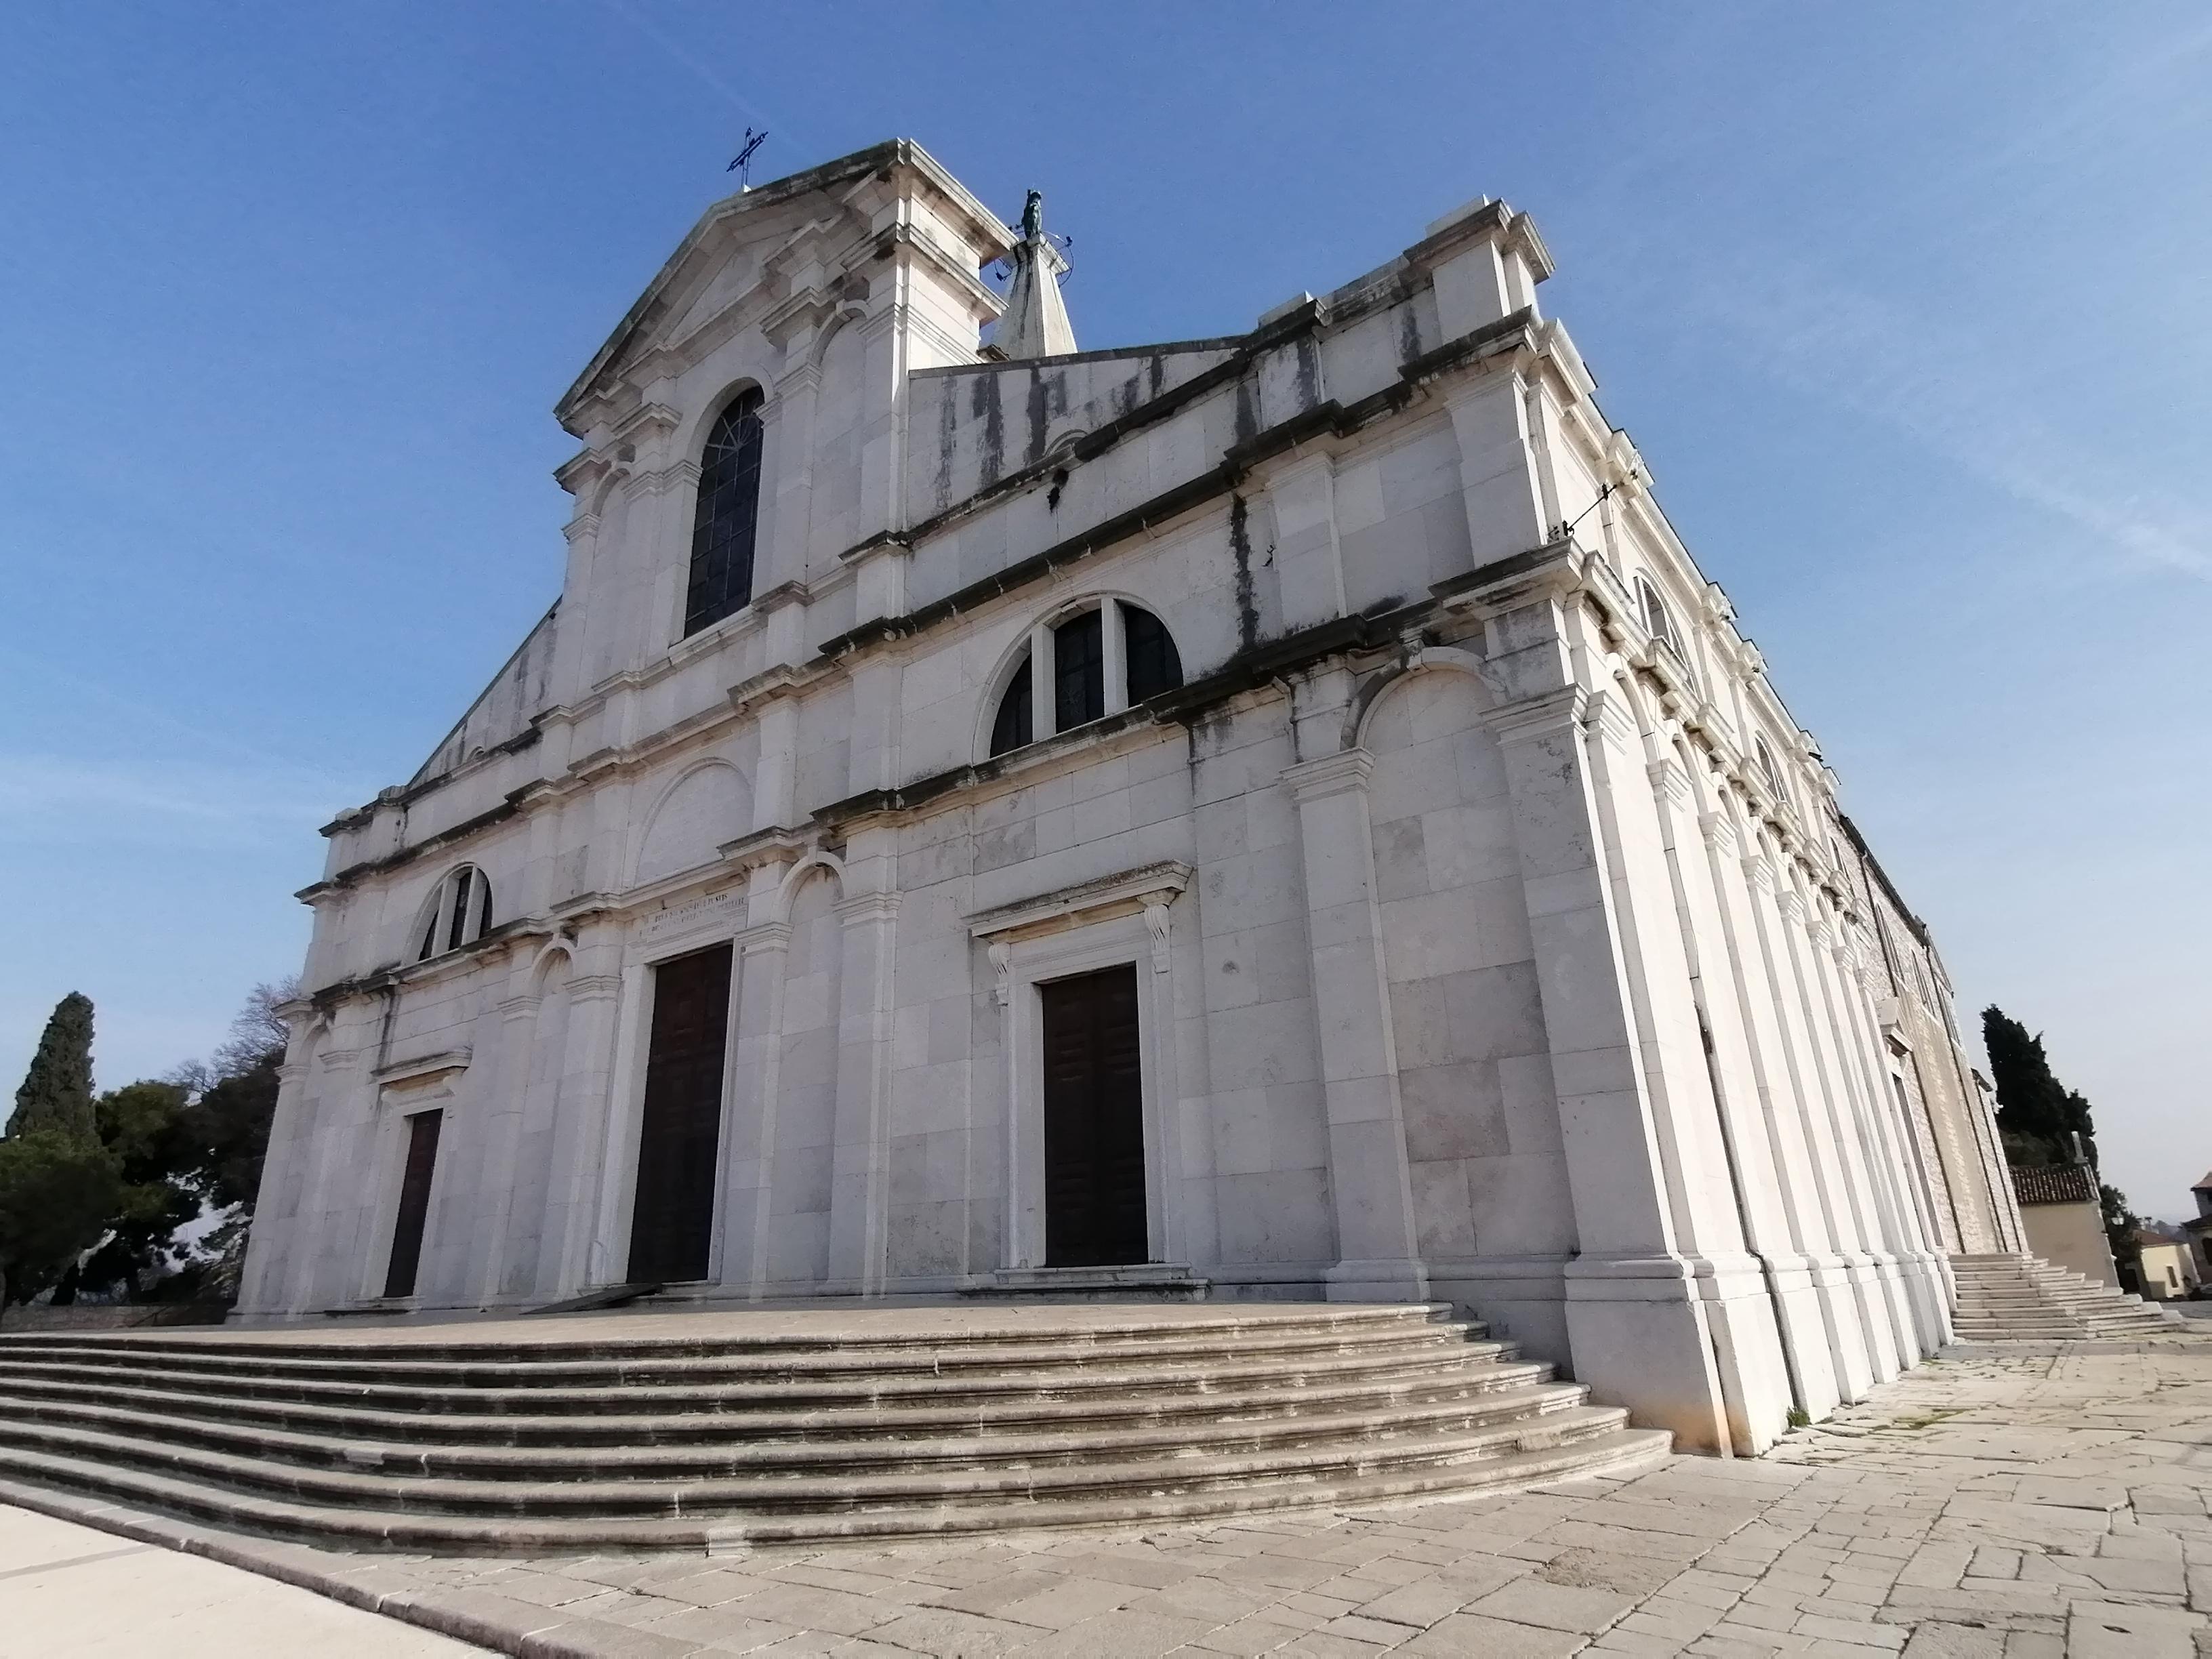 Nastavlja se s radovima na sanaciji krova crkve sv. Eufemije